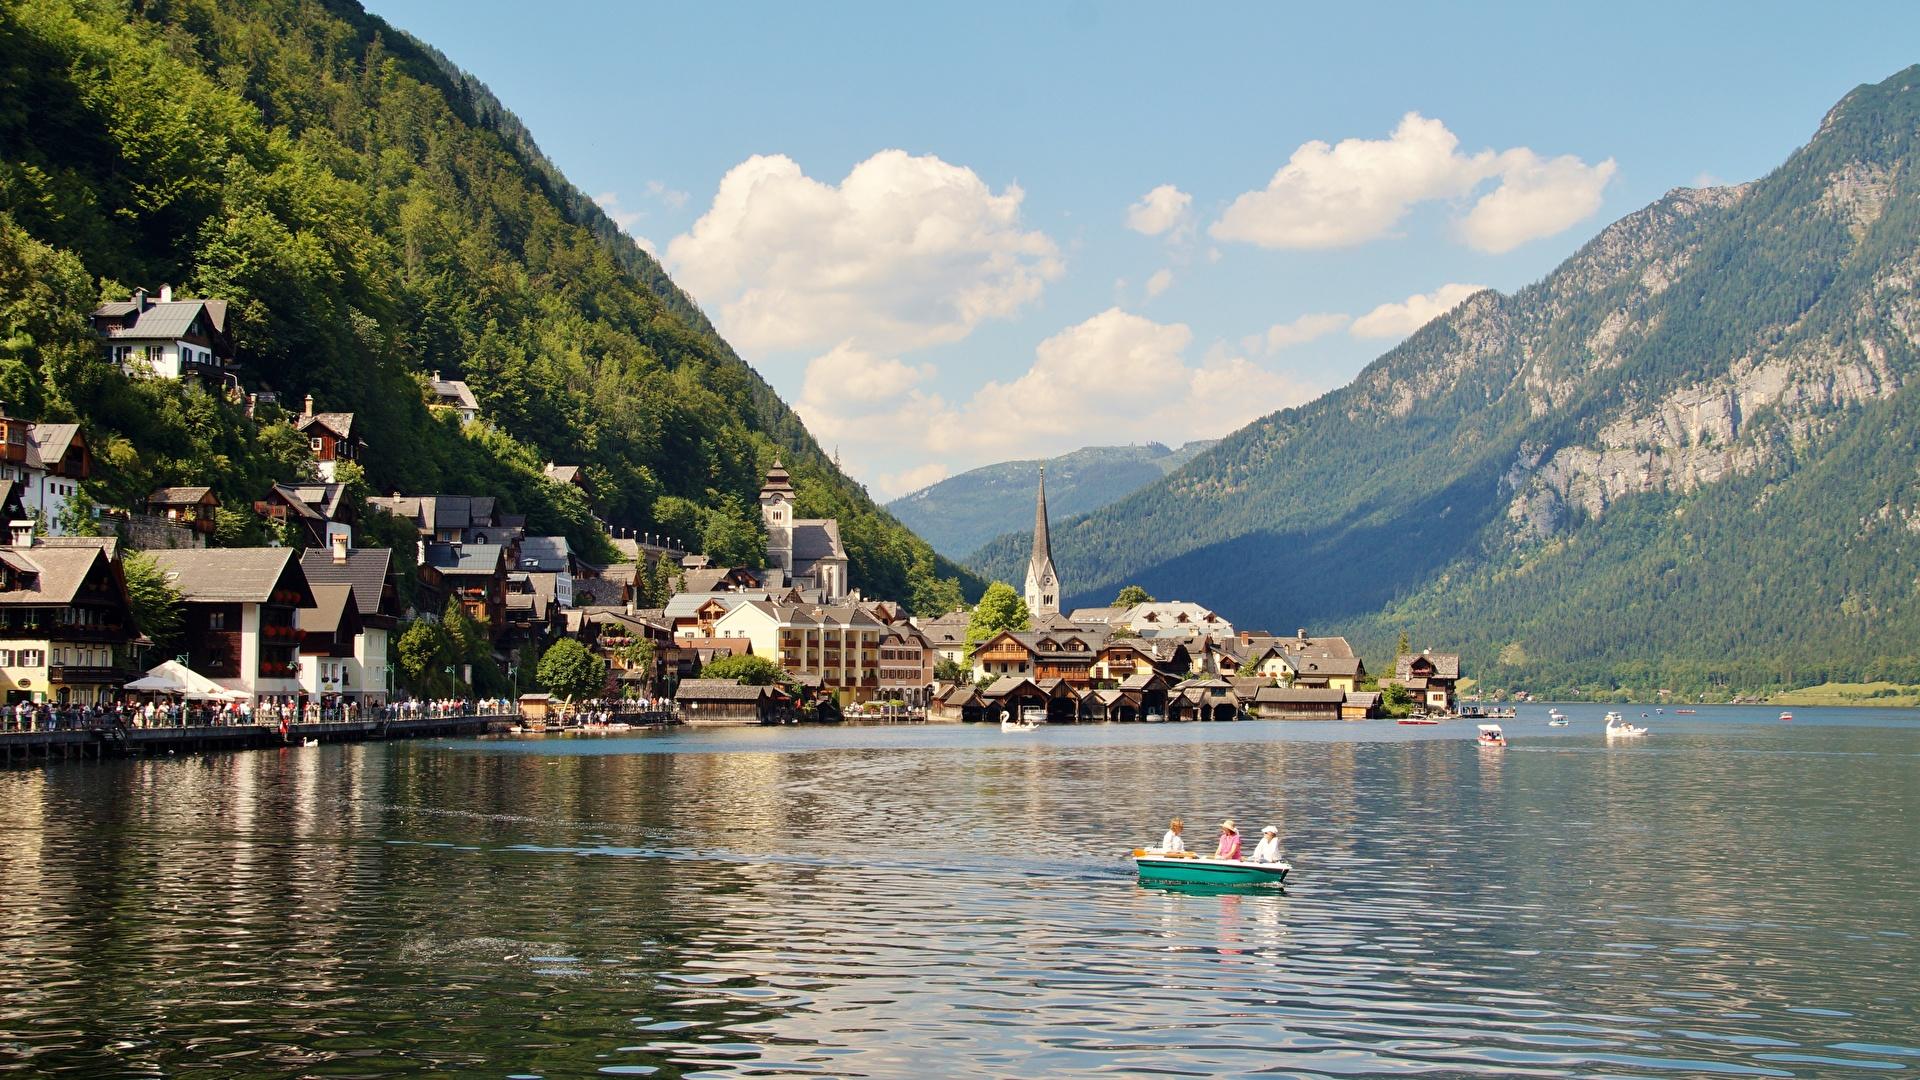 Фотографии Халльштатт Альпы Австрия Gmunden County Горы Природа Озеро Лодки Пристань Города Здания 1920x1080 Пирсы Причалы Дома